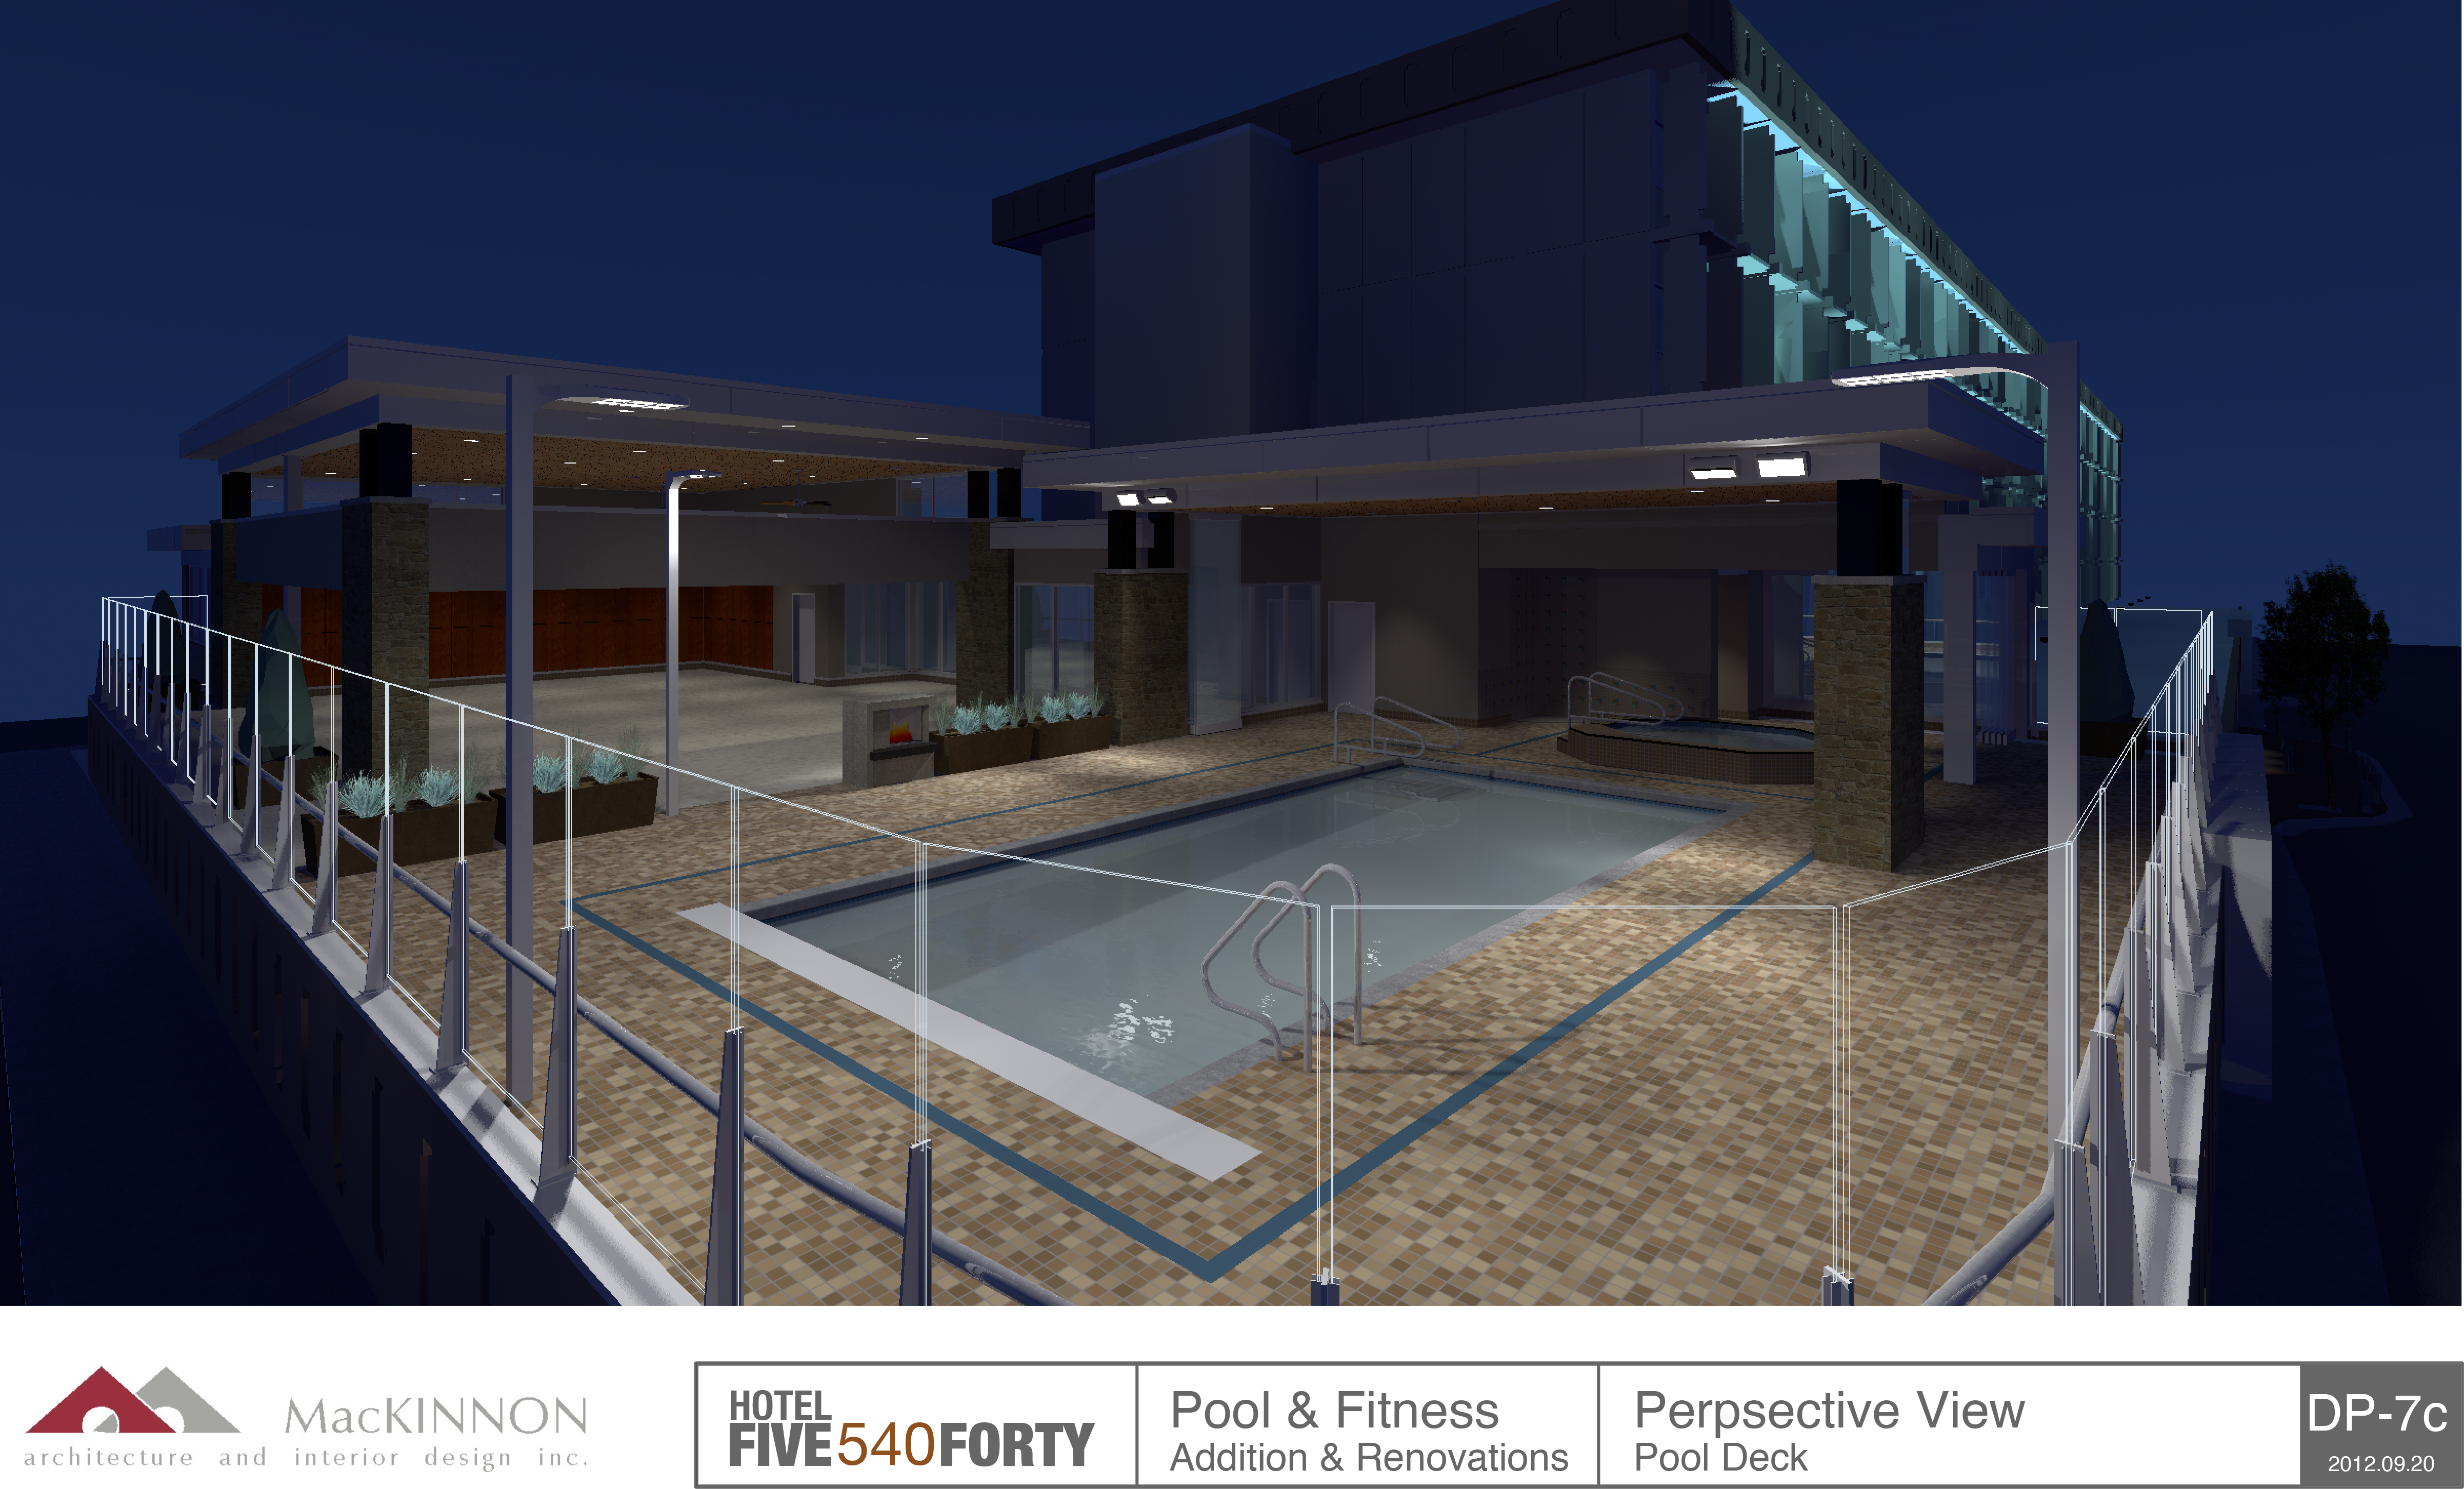 https://0901.nccdn.net/4_2/000/000/023/130/h540-dp-7c--perspective-pool-deck--2012.09.20-1-.jpg